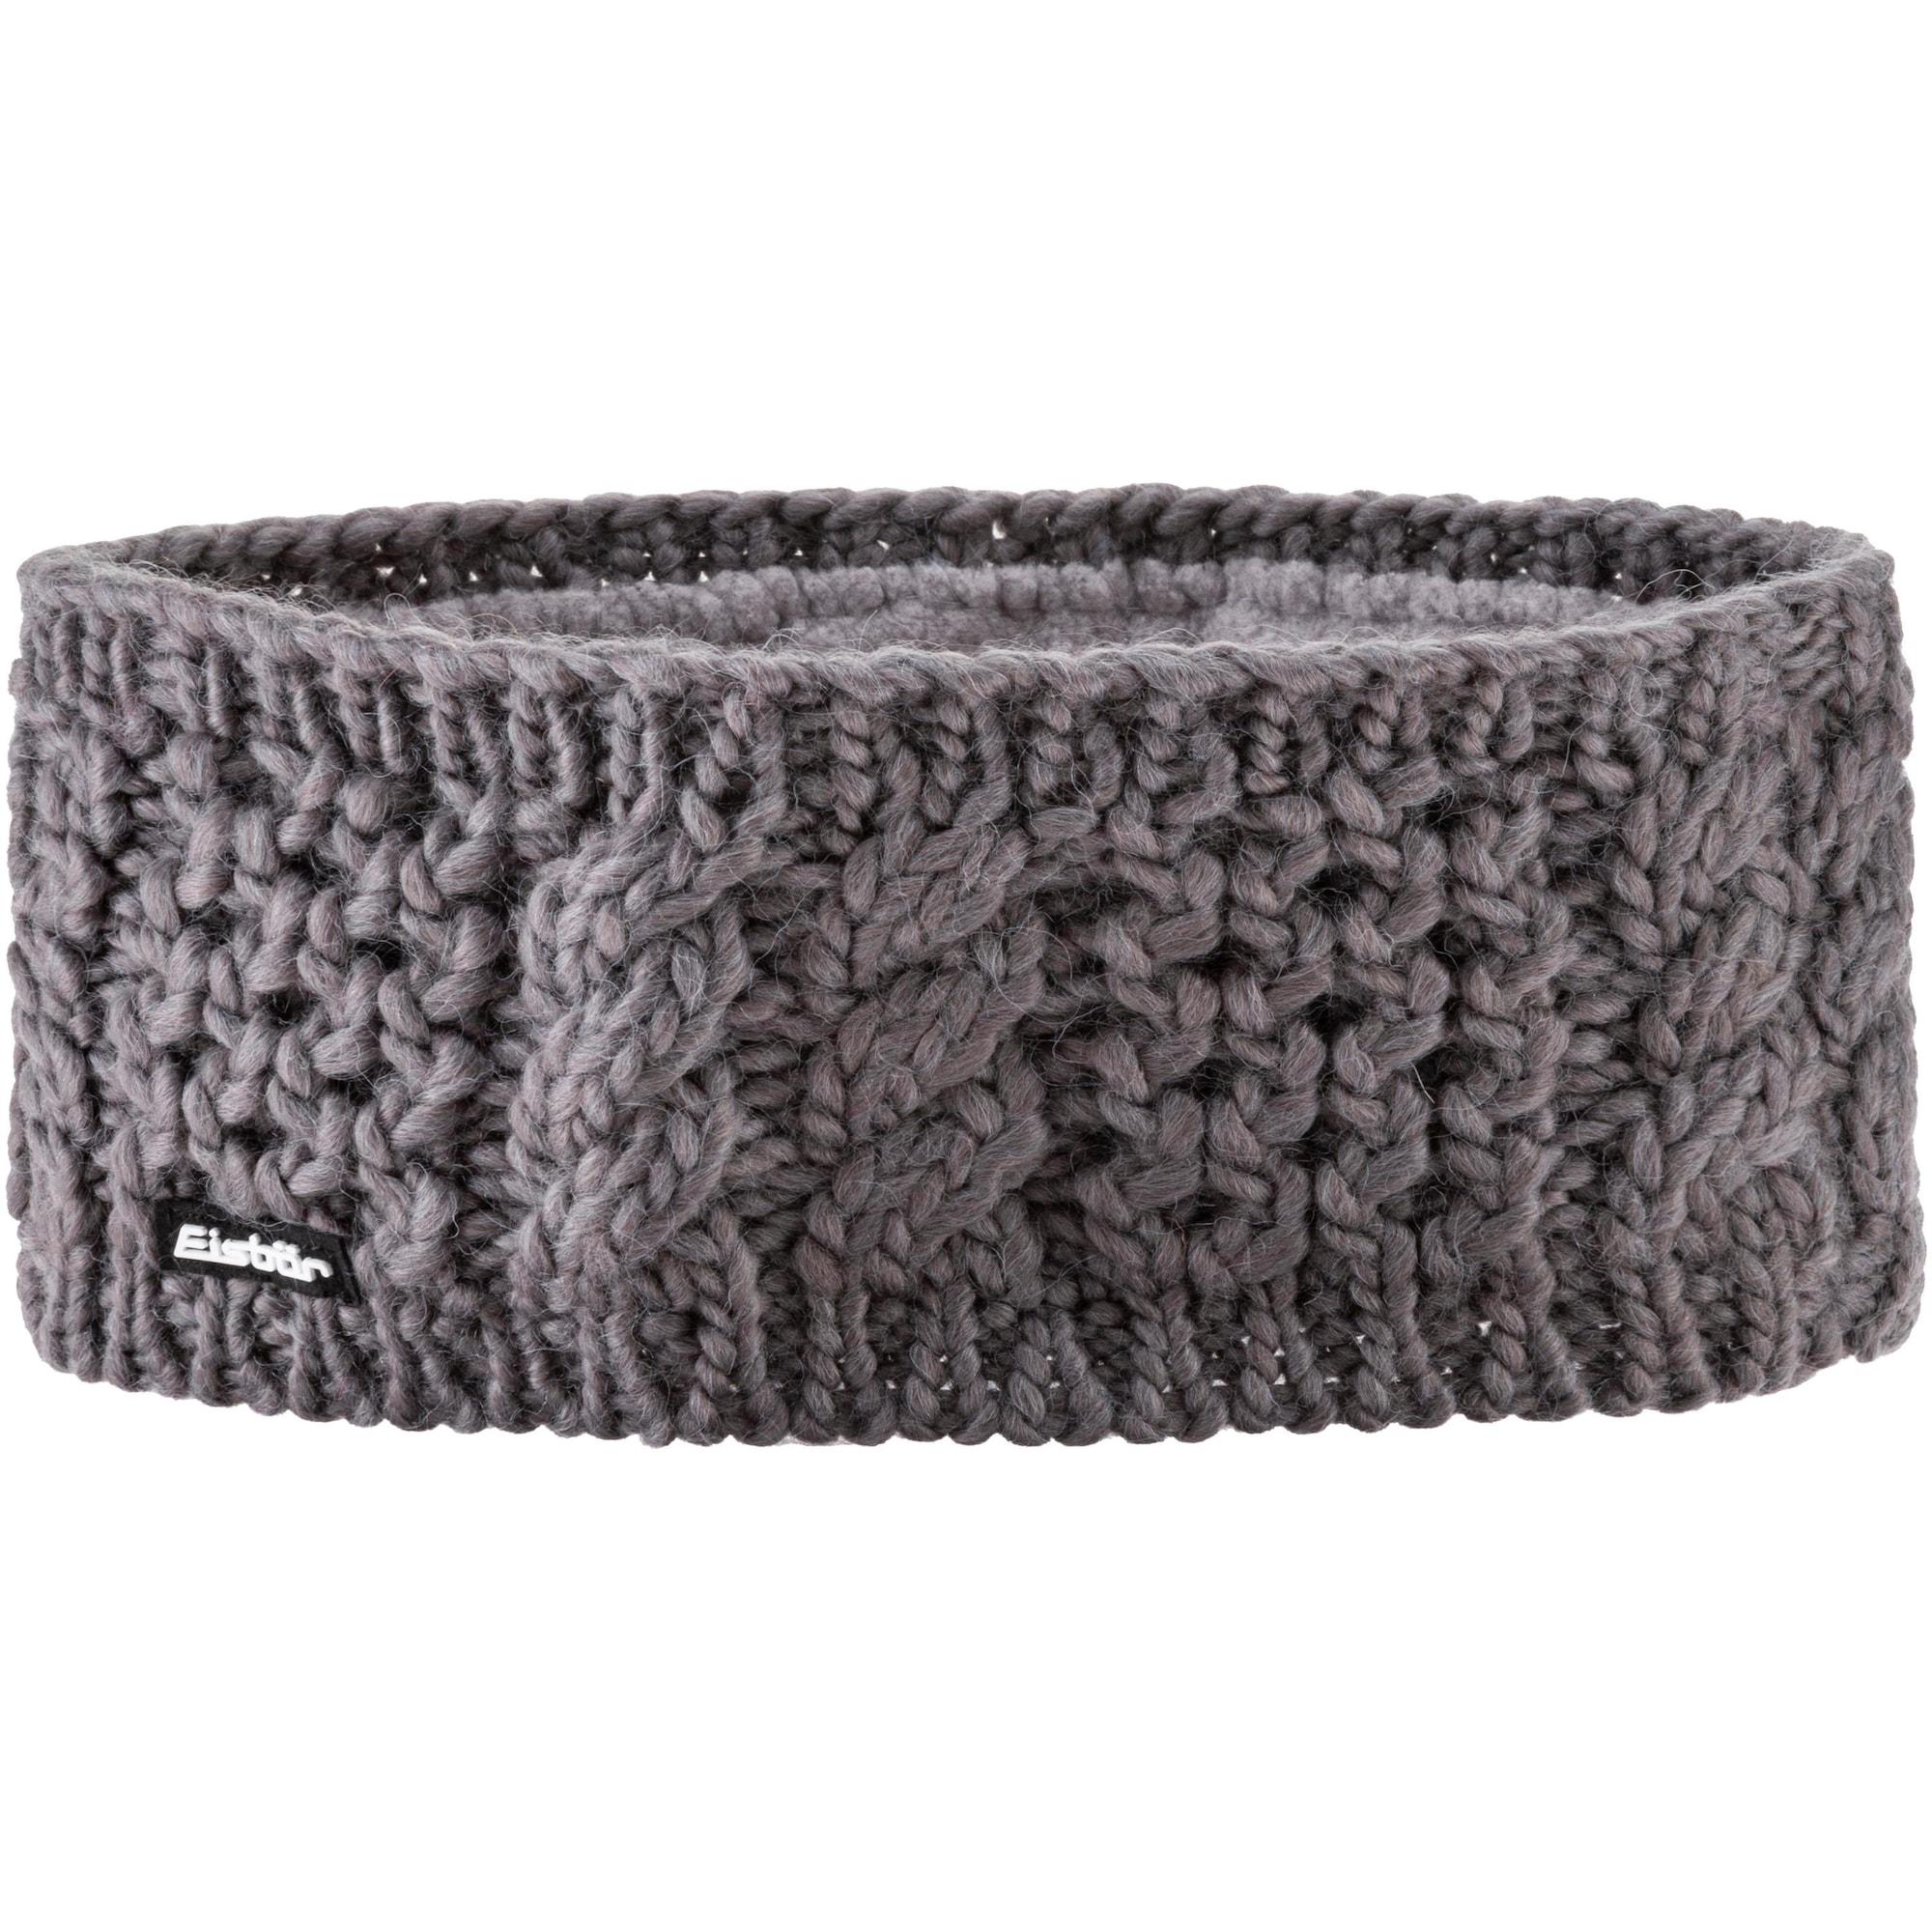 Stirnband 'Afra' | Accessoires > Mützen > Stirnbänder | Eisbär